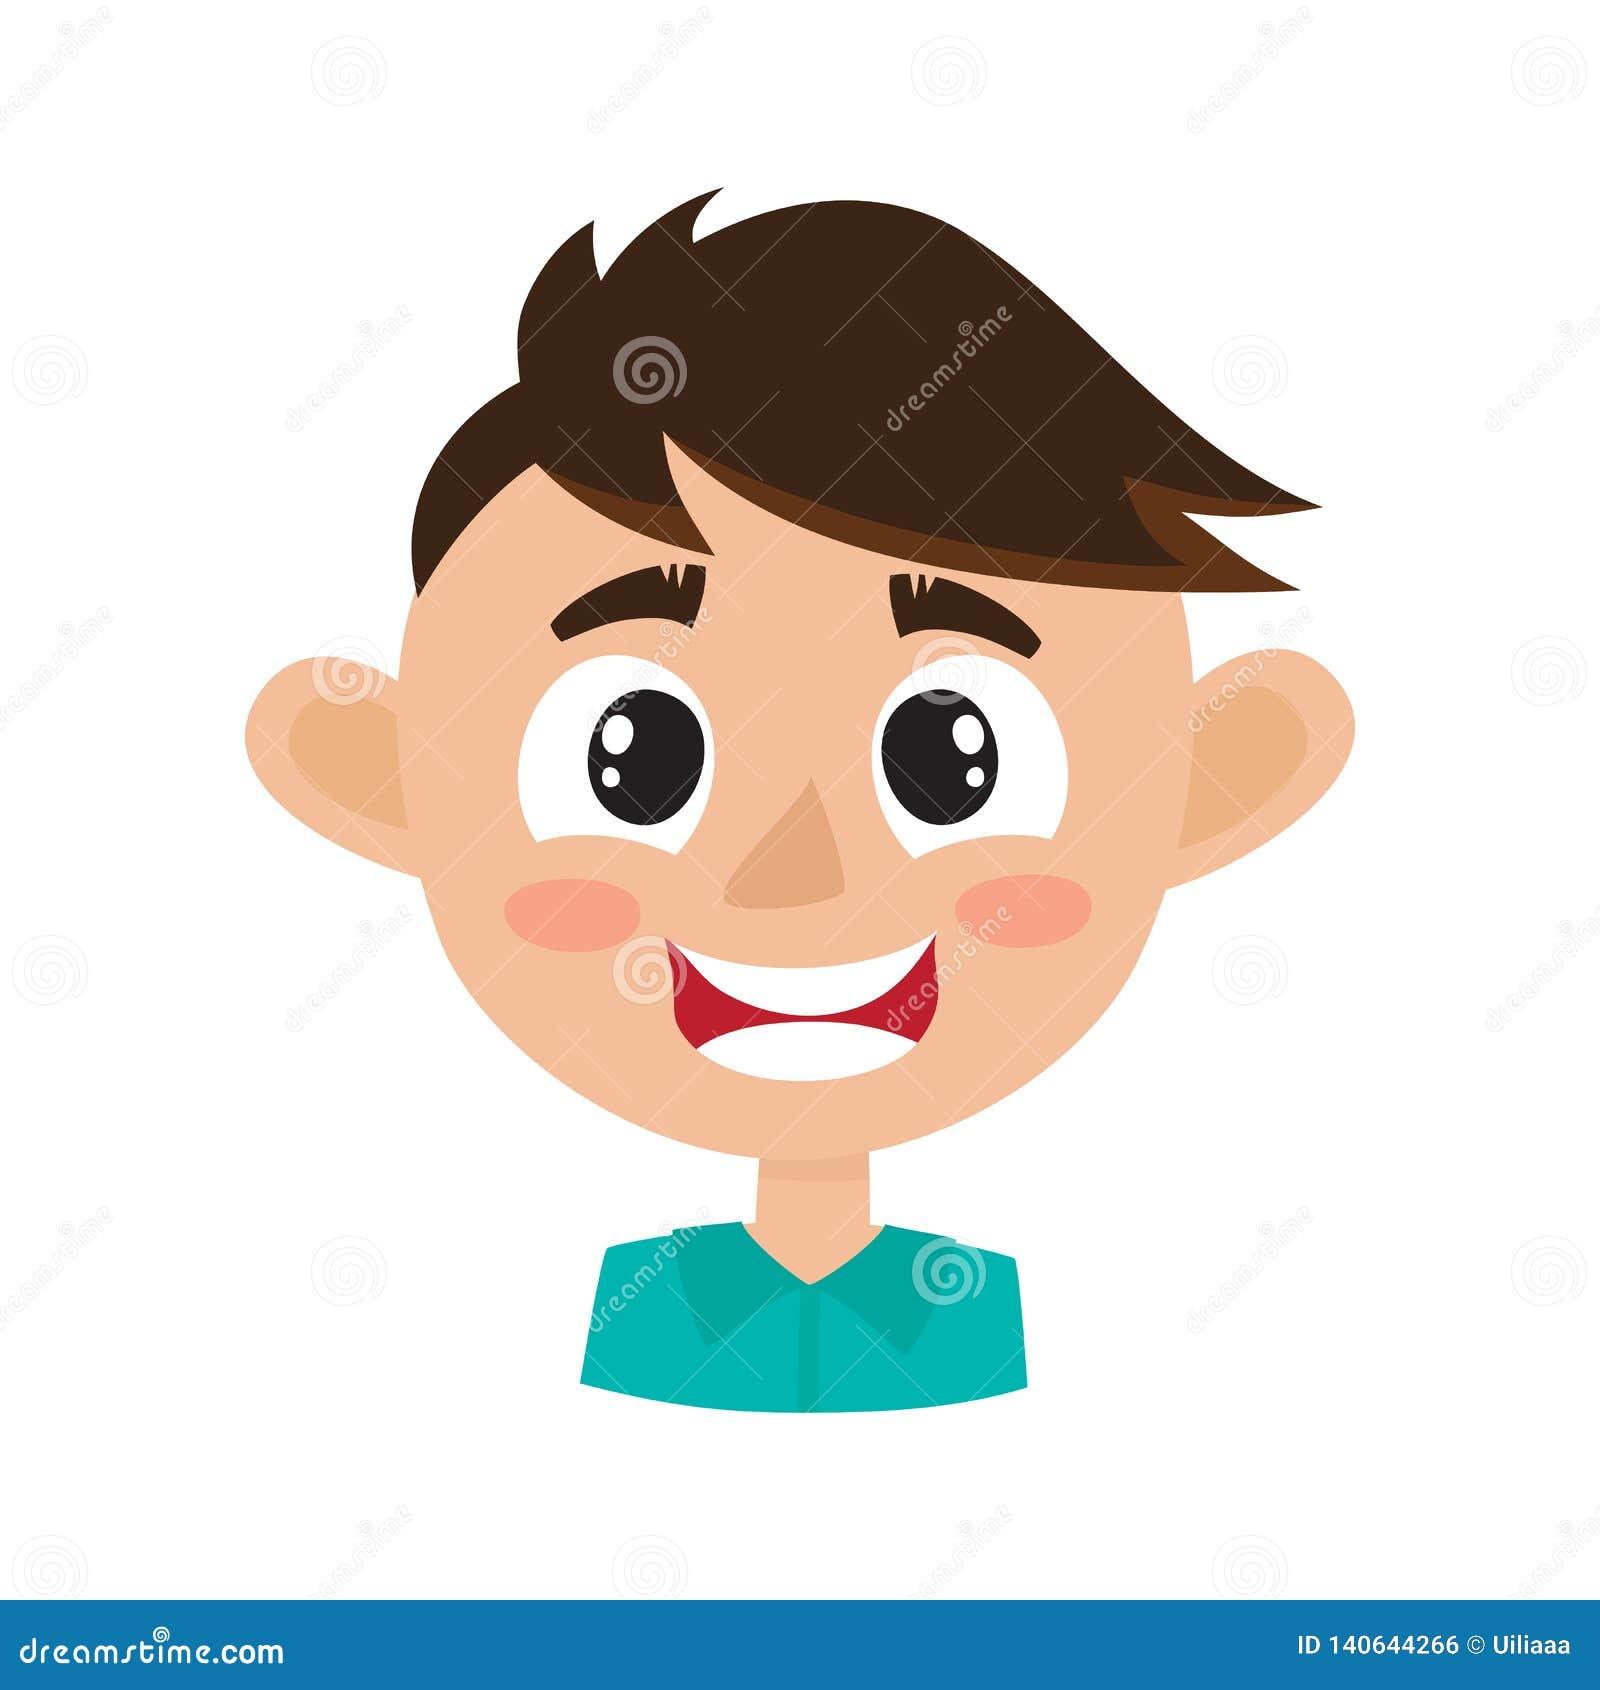 Expressão feliz da cara do menino, ilustrações do vetor dos desenhos animados isoladas no branco